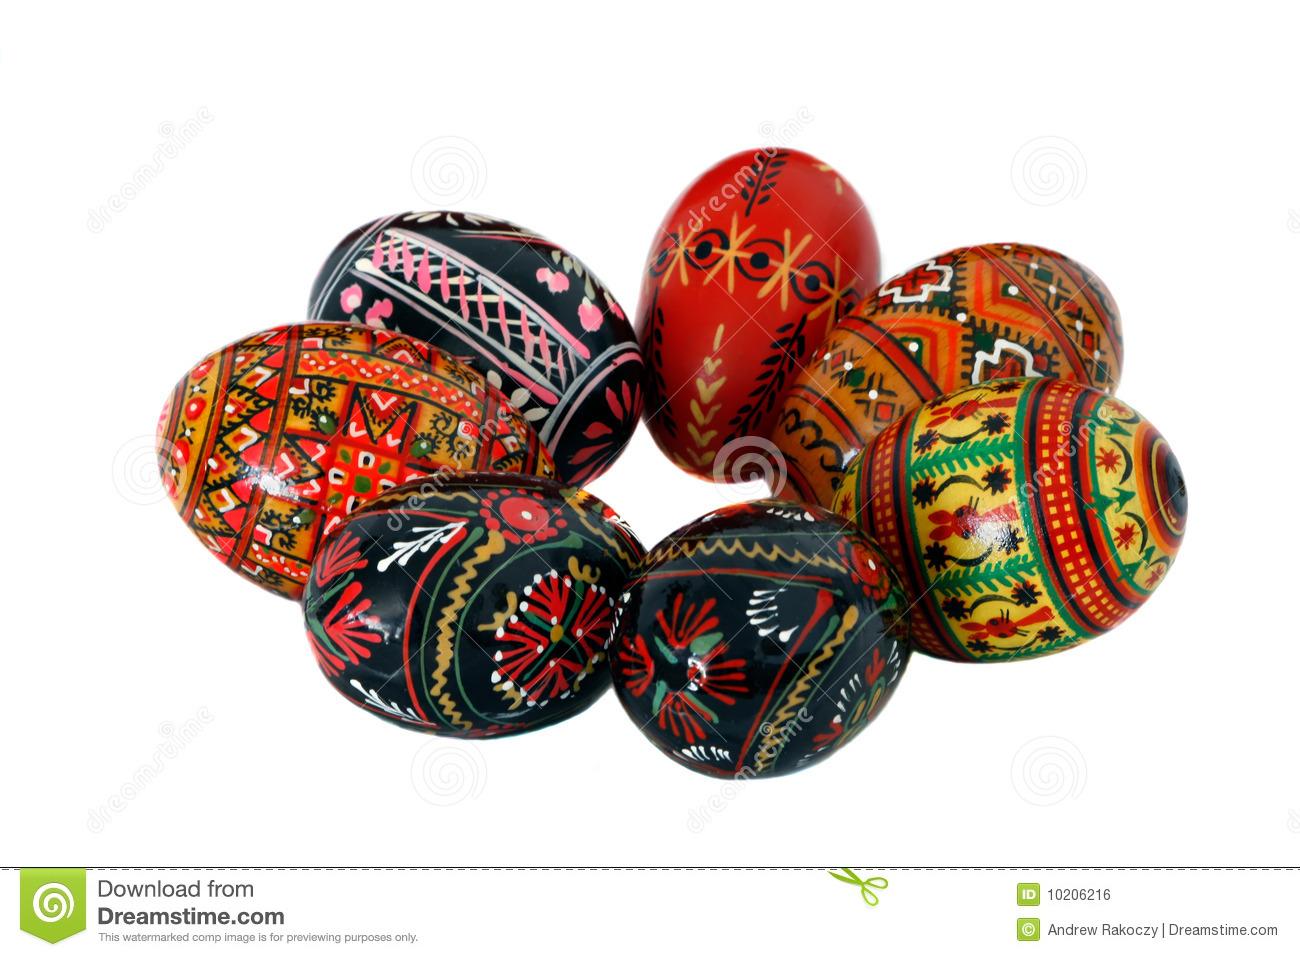 Ukranian easter egg clipart clipart transparent stock Ukranian easter egg clipart - ClipartFox clipart transparent stock